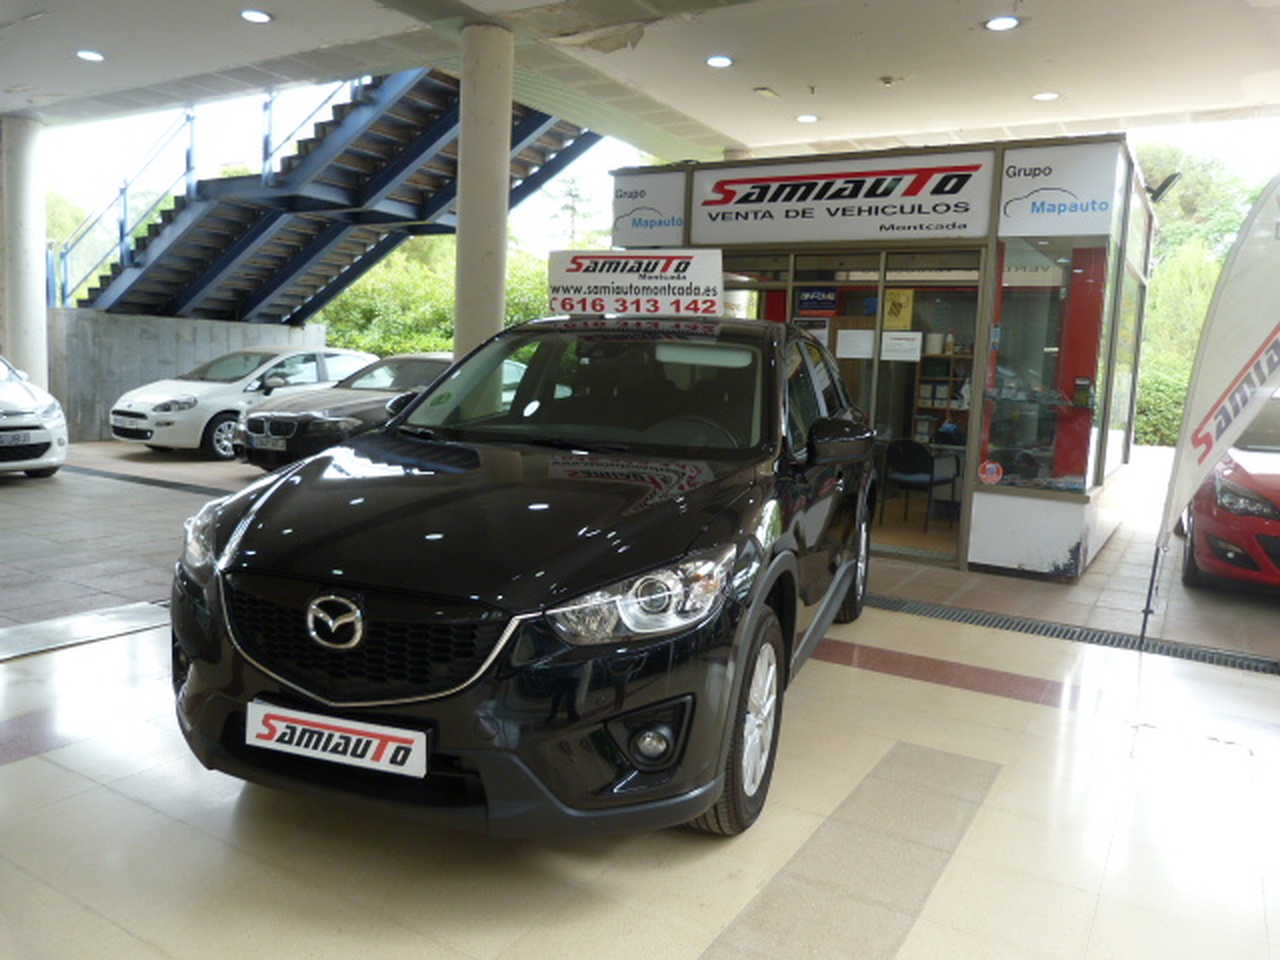 Mazda CX-5 CX5 2.0 121kW GE 2WD Style Navi 5p. un solo propietario, libro de revisiones  - Foto 1